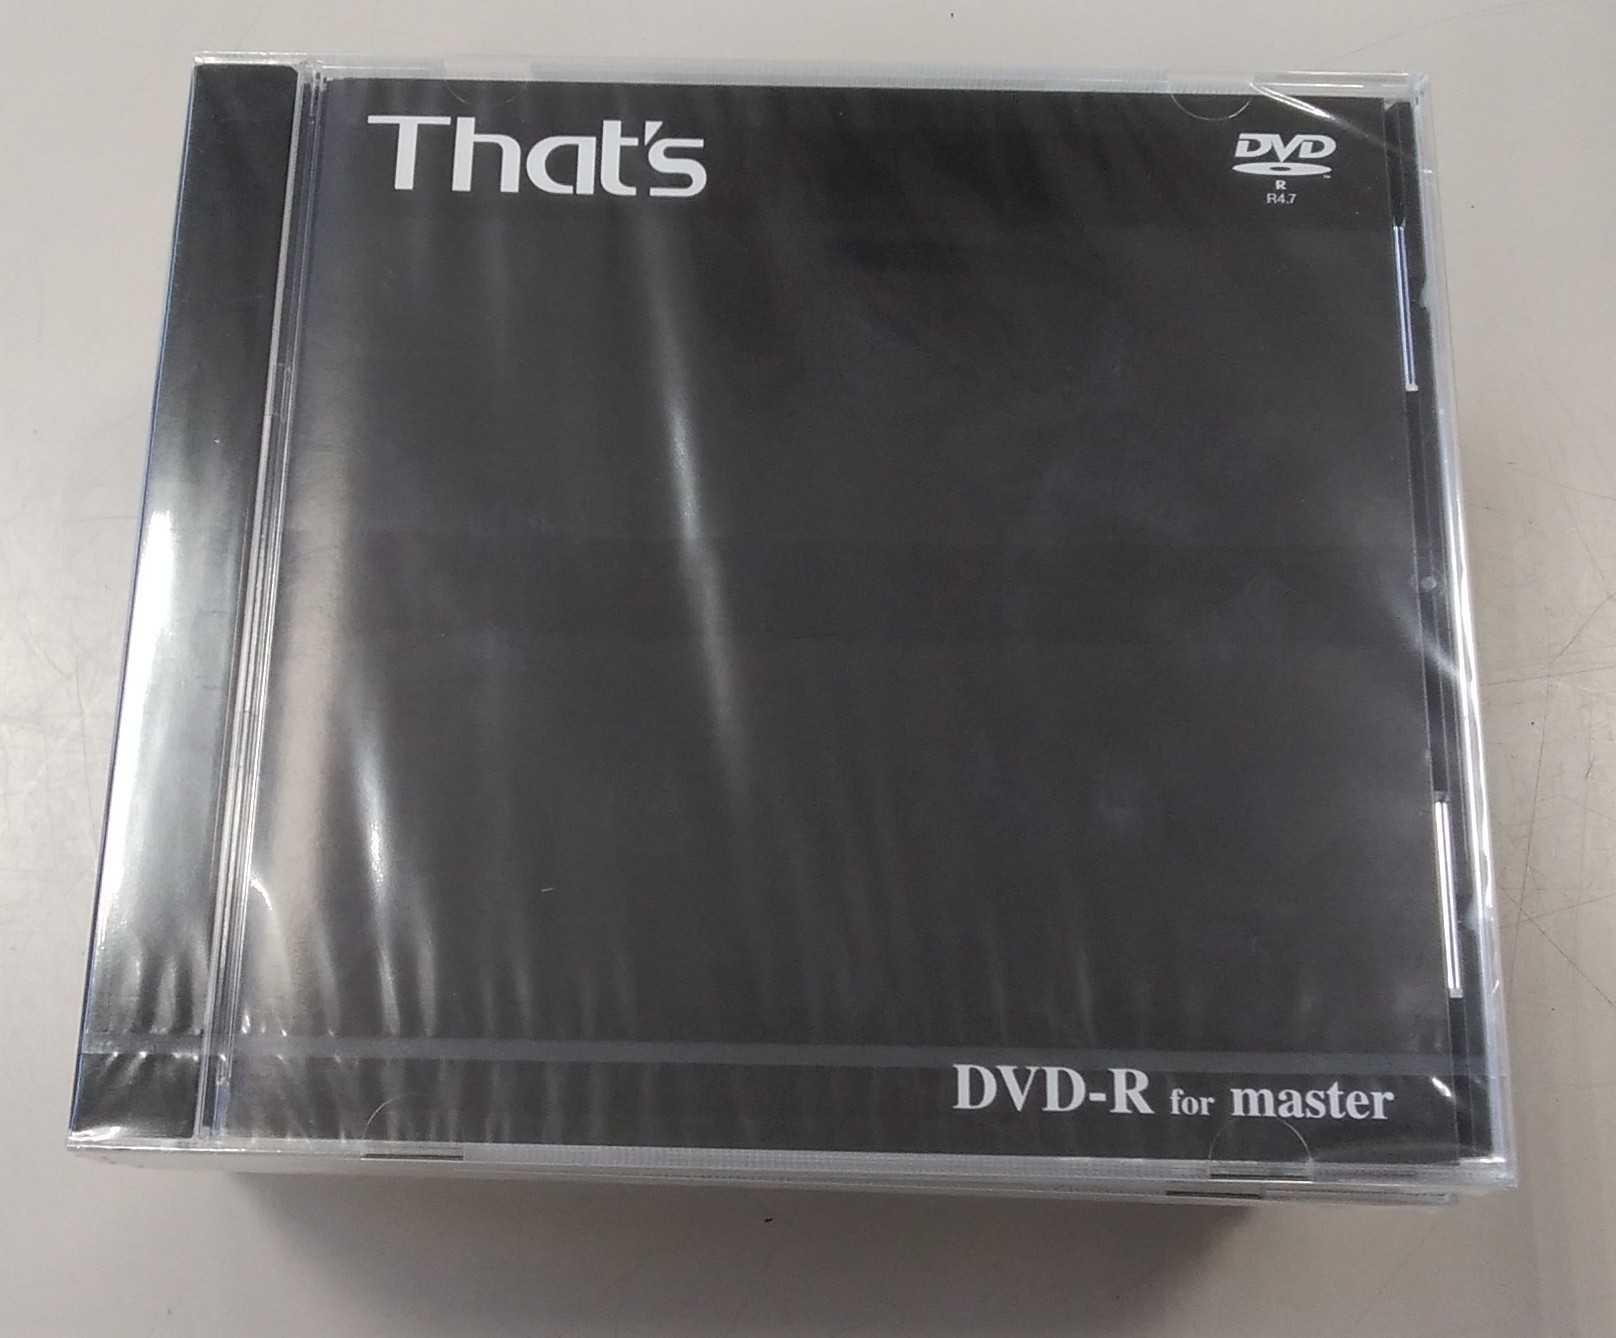 マスター用DVD-R|THAT'S